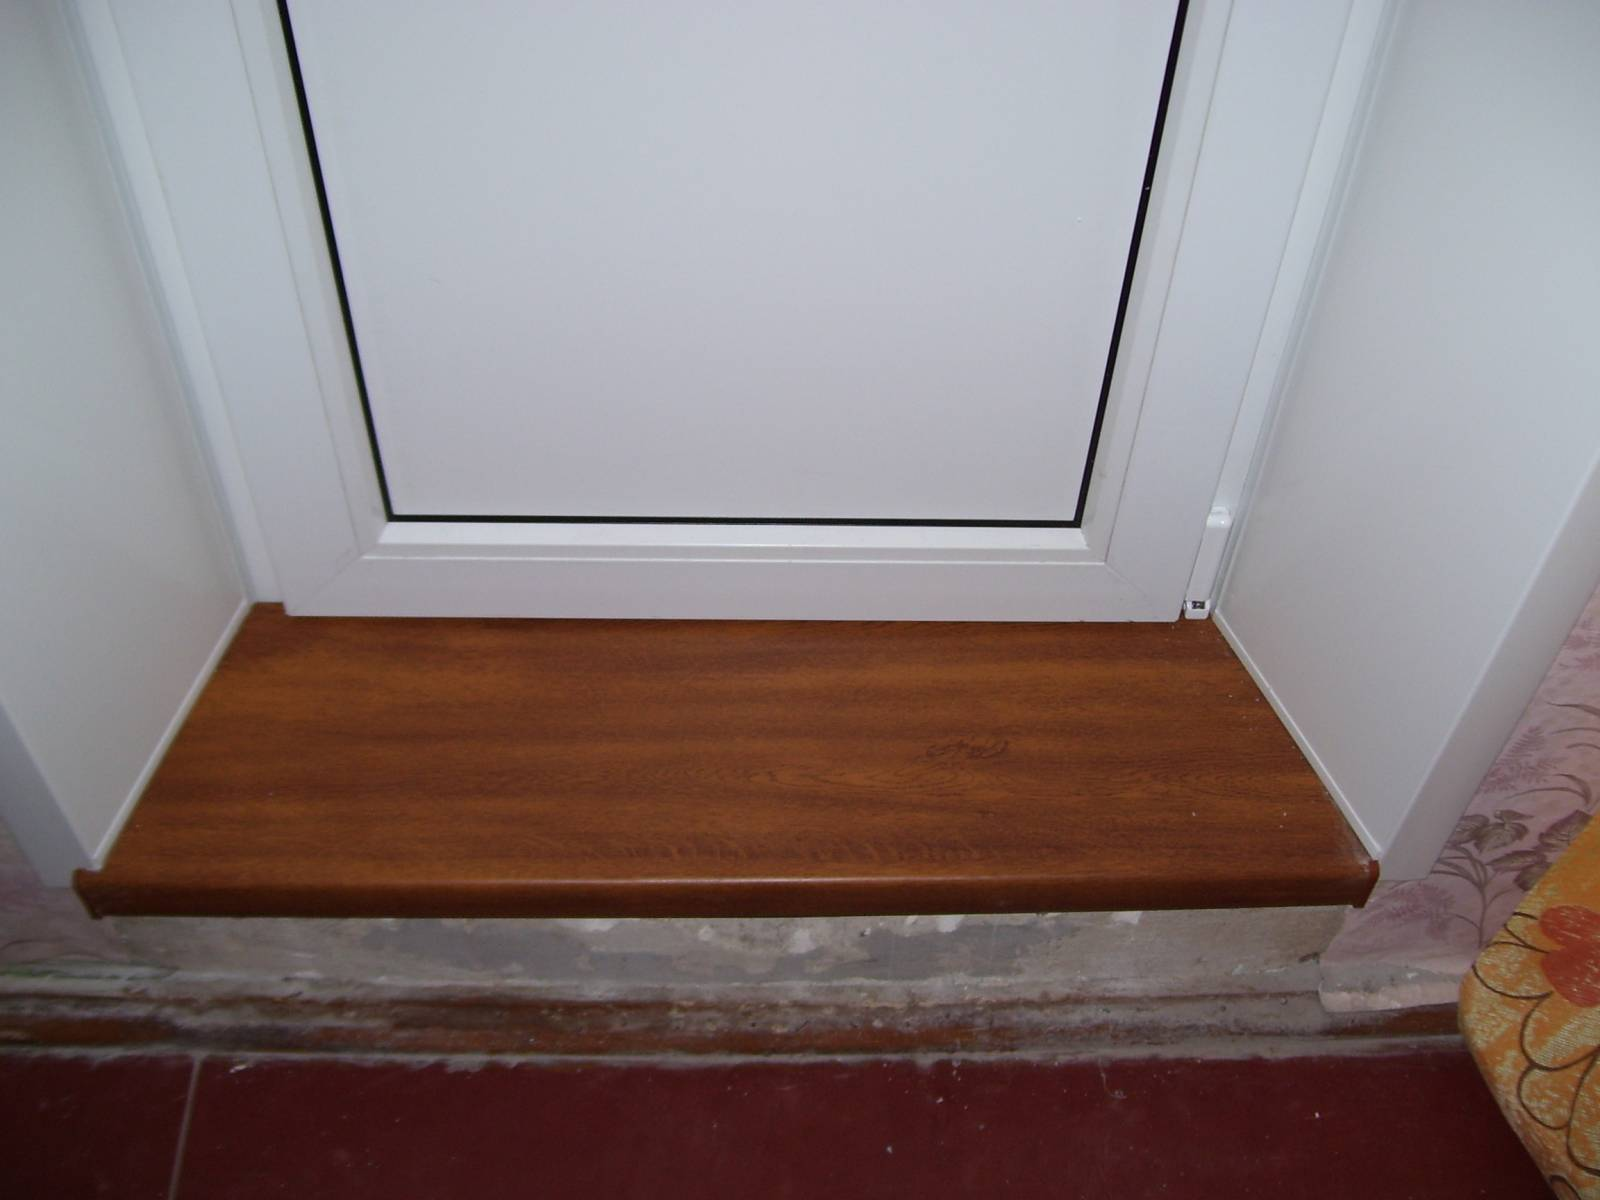 Интерьерплюс - окно под ключ.